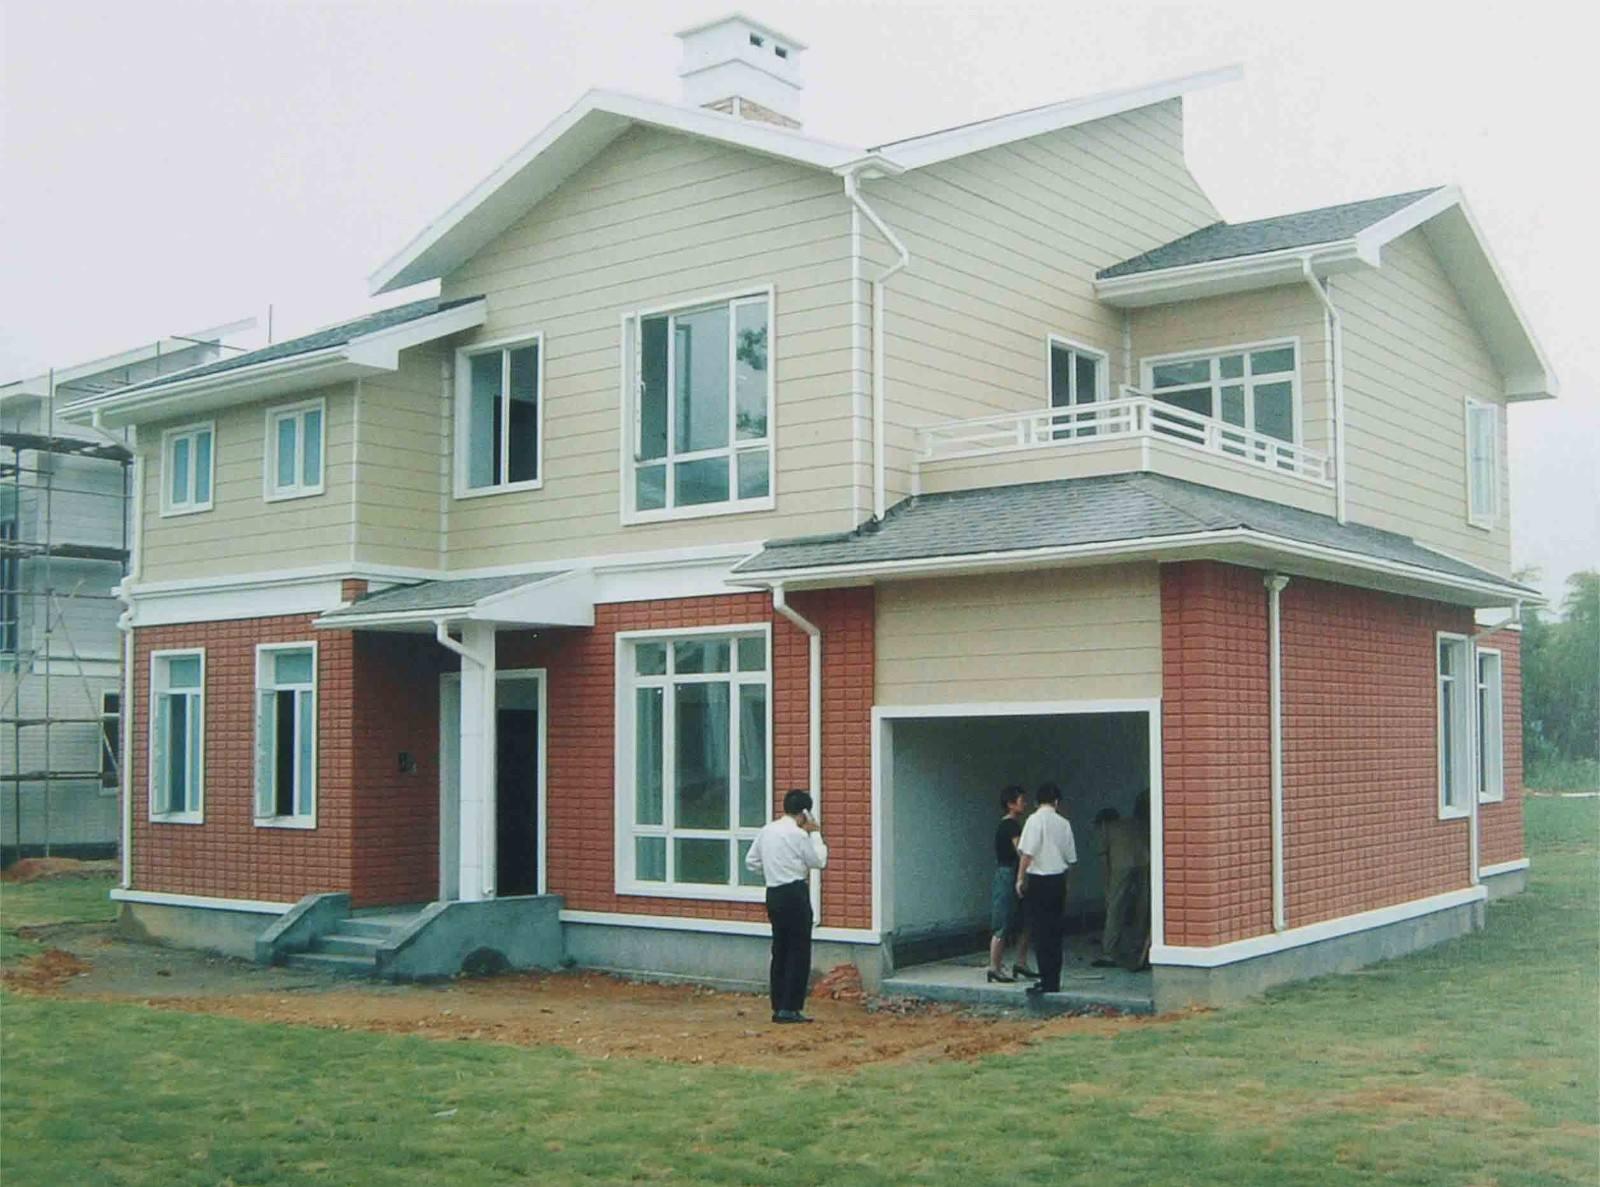 兴隆台一层轻钢别墅使用空间多大